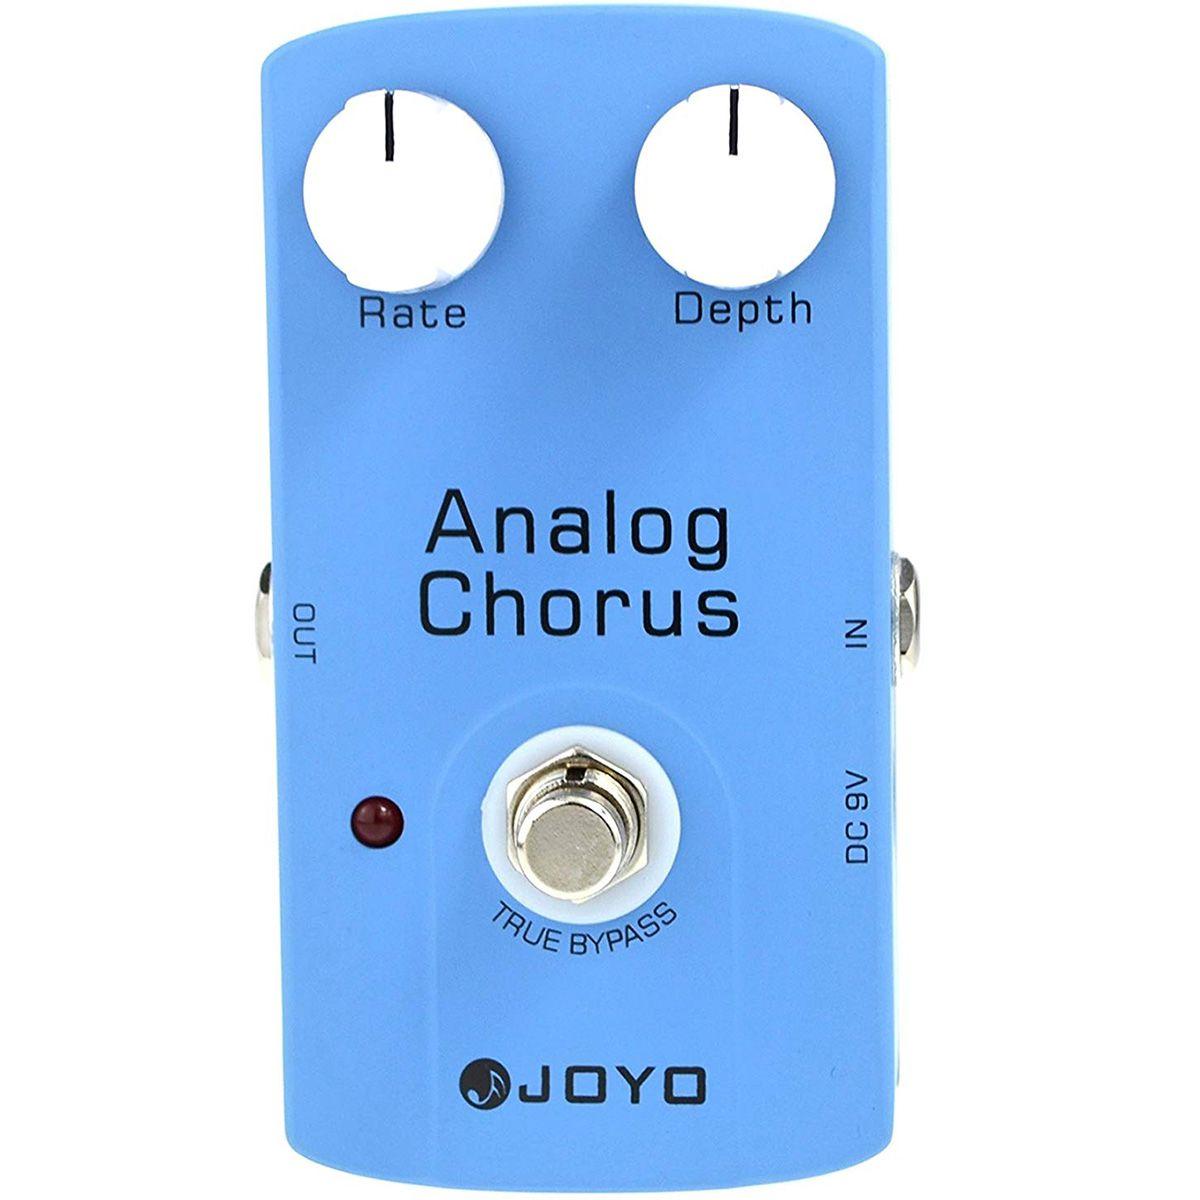 Pedal de Efeito Joyo JF-37 Analog Chorus para Guitarra